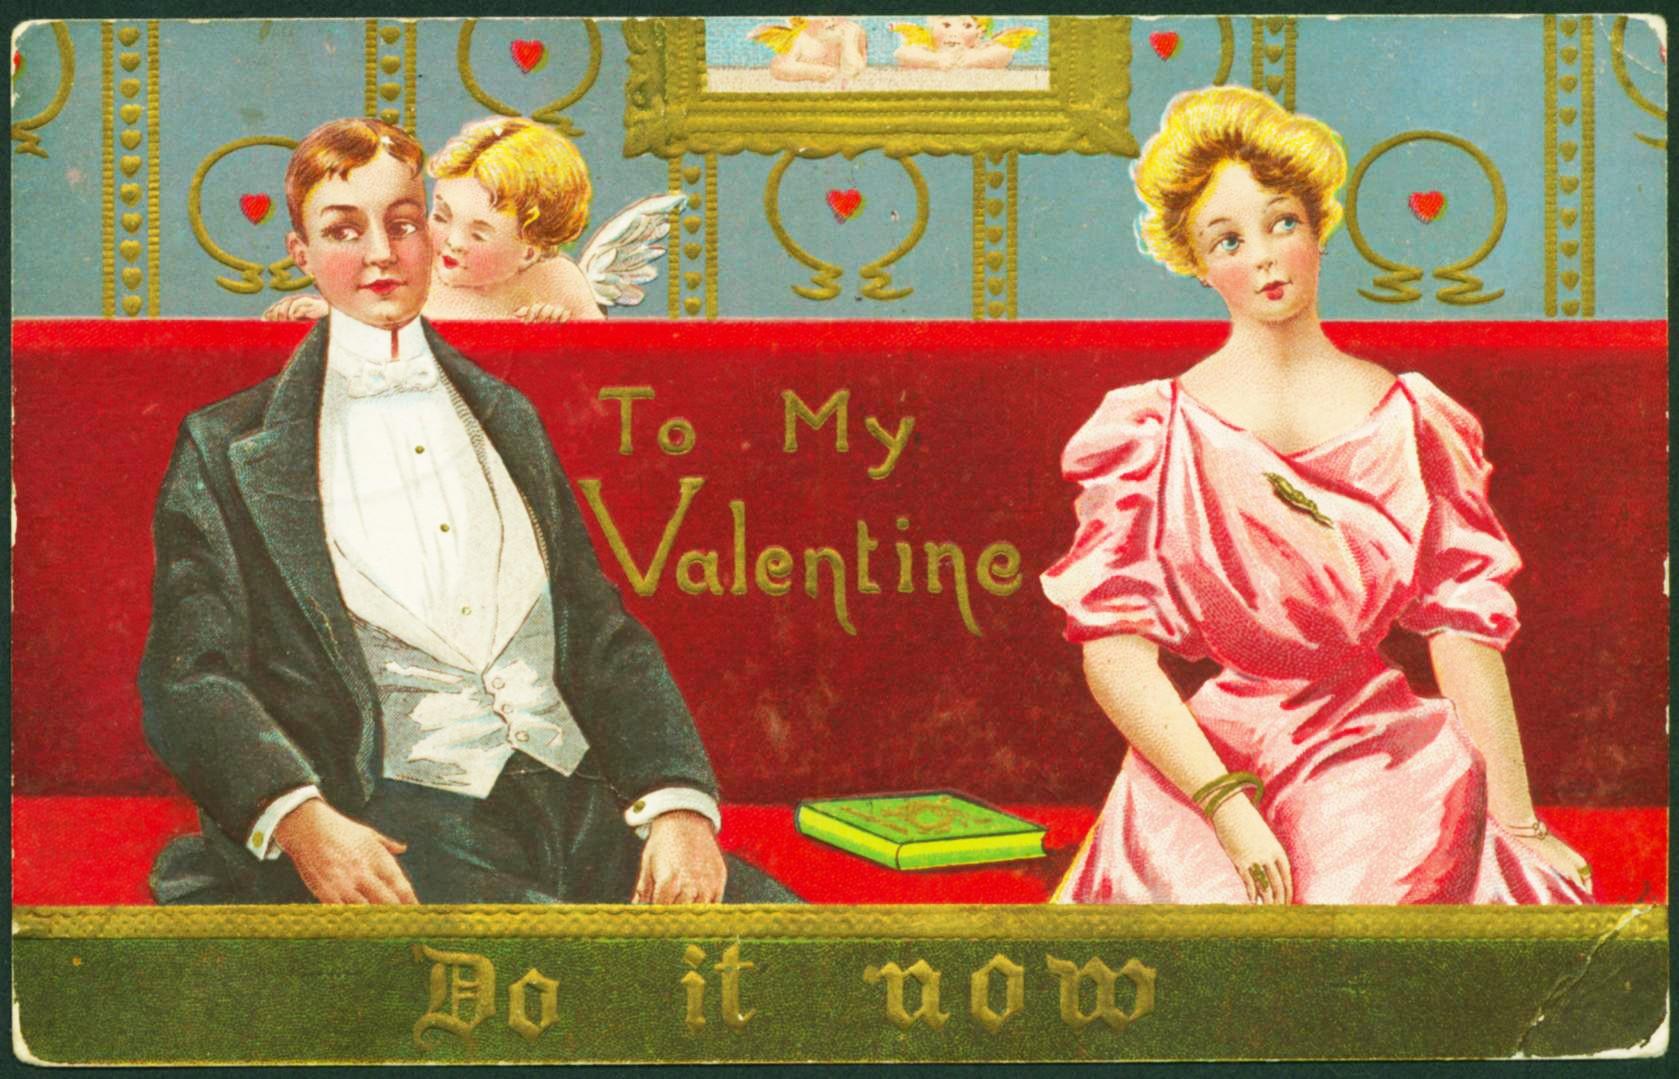 Tấm thiệp Valentine bắt nguồn từ truyền thuyết thứ 3 của ngày lễ tình nhân.